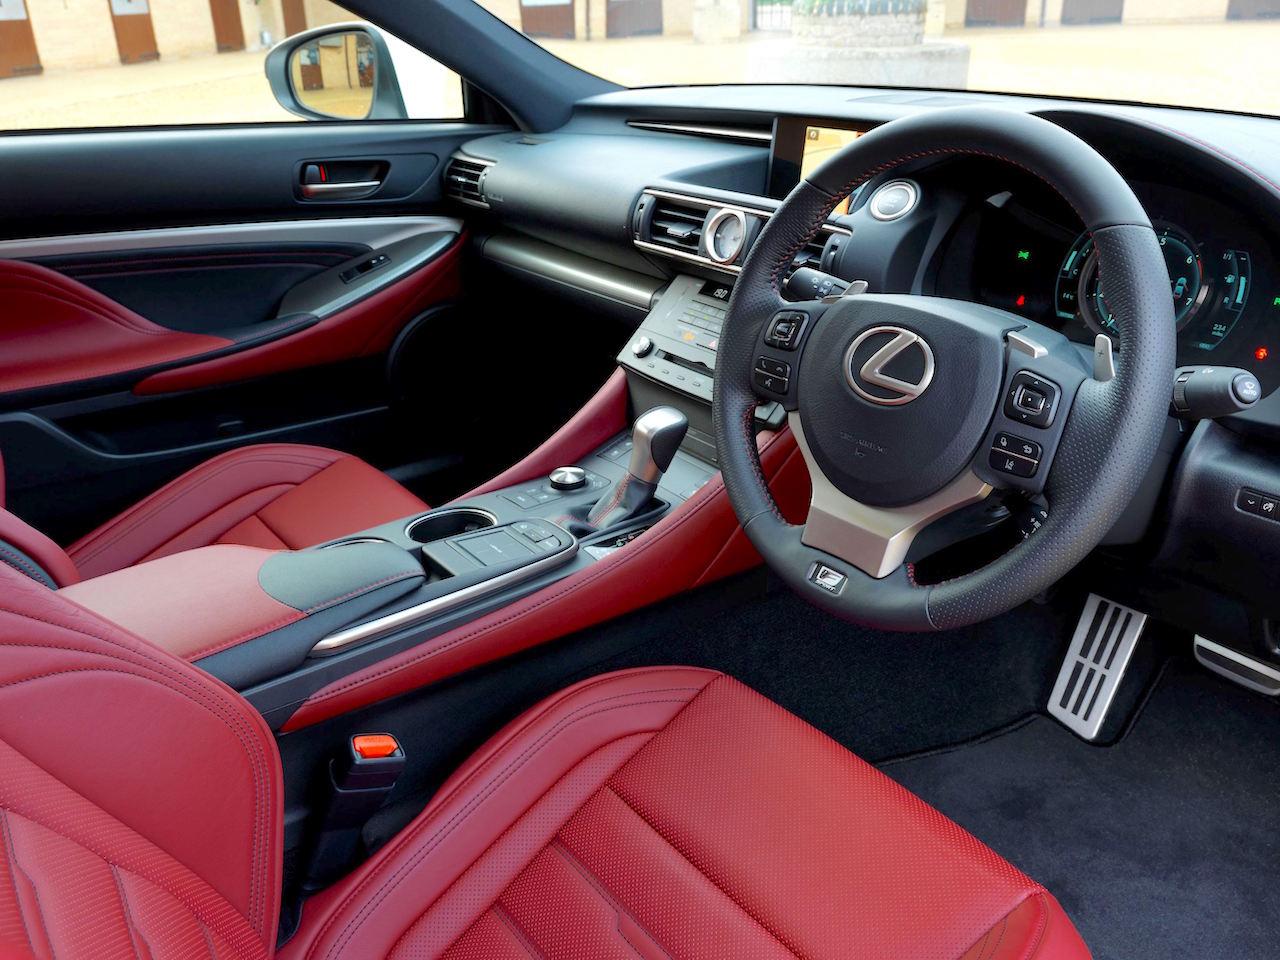 Lexus RC 200t front interior copy